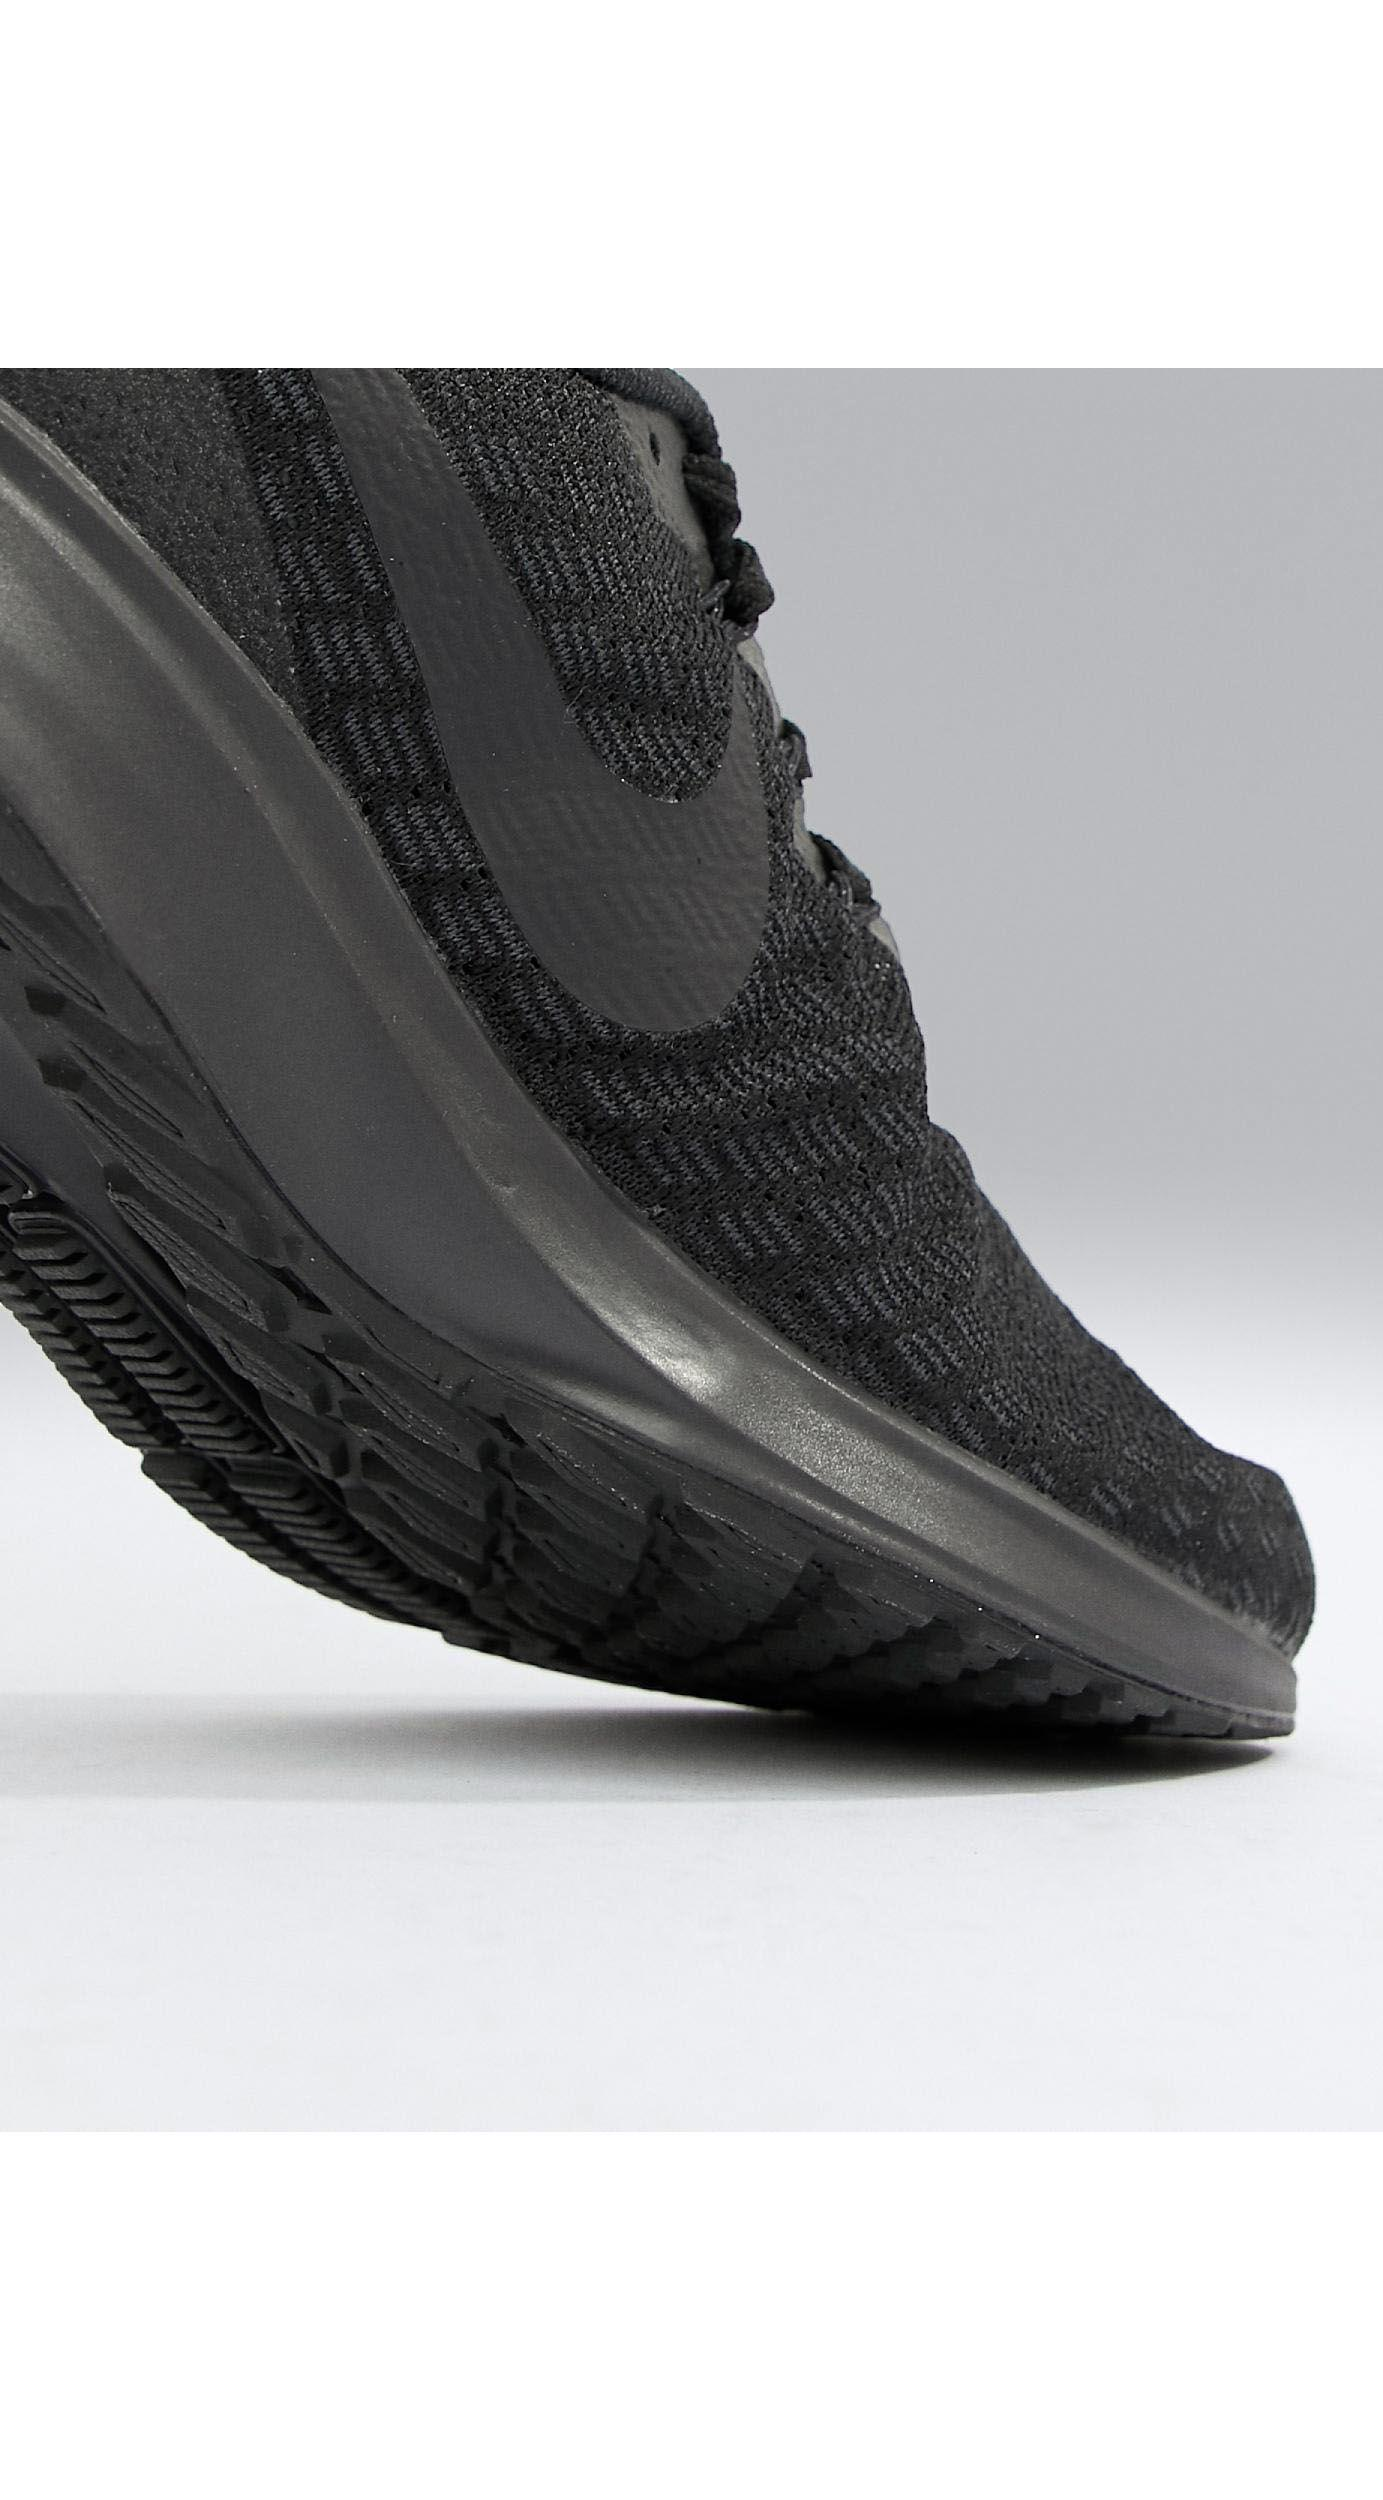 nike running air zoom 35 pegasus sneakers in triple black